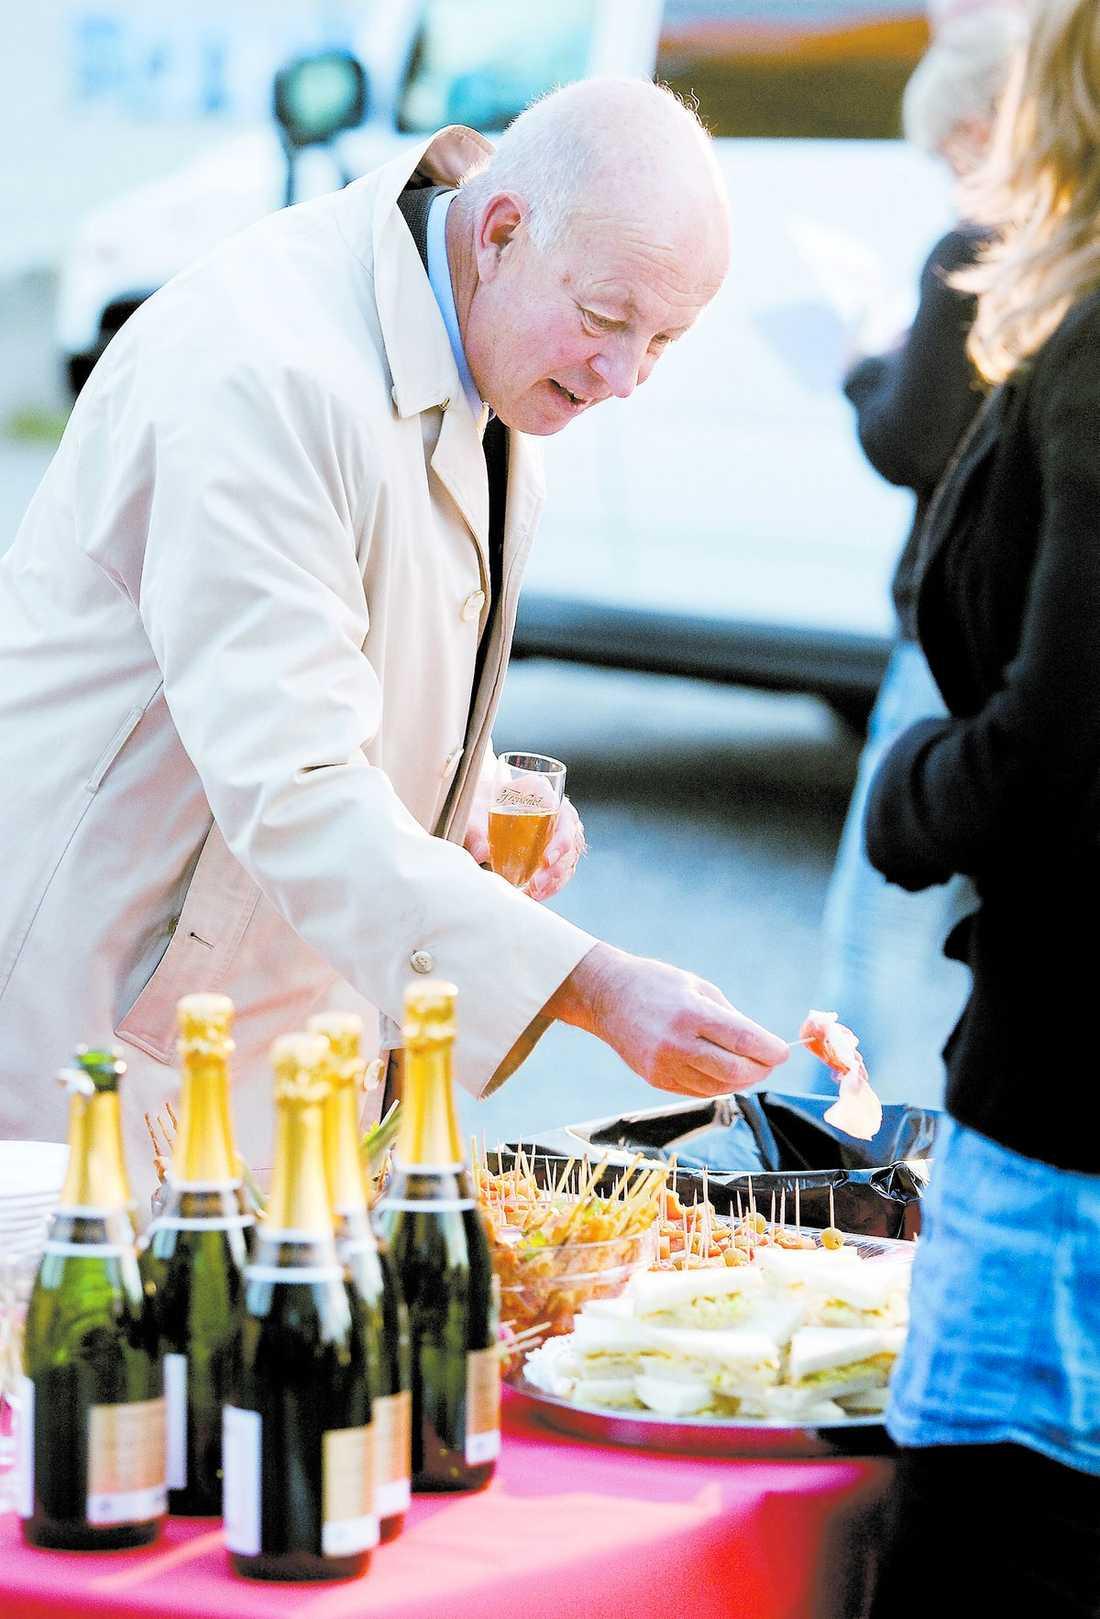 """""""viktigt att undvika jäv"""" Lennart Hedquist (M), som är ordförande i skatteutskottet, tjänar stora pengar på sina olika styrelseuppdrag. För en av posterna får han 275 000 kronor per år, och tjänar totalt mer pengar utifrån än från själva huvudsysslan, riksdagsarbetet. På bilden besöker han ett mingel som Aftonbladet arrangerade den 30 september. Inbjudan utlovade middag och chans att vinna en lyxresa, men allt var fejkat för att testa riksdagsledamöternas moral."""